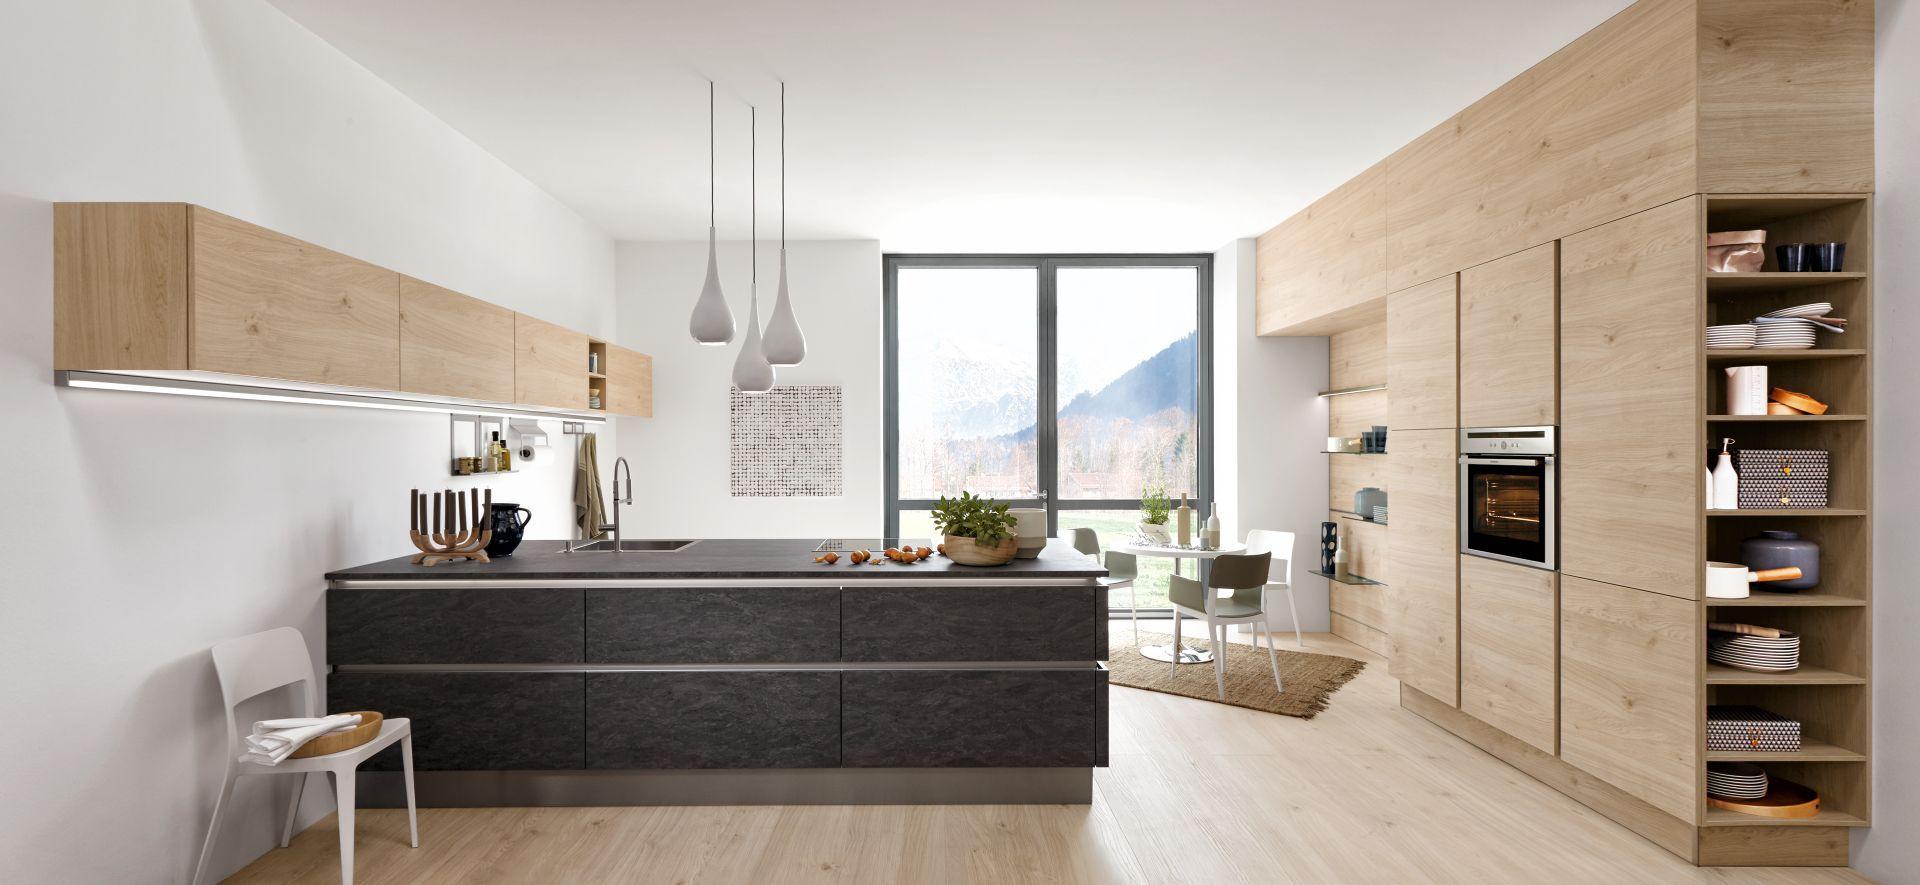 Moderne Inselkuche Artwood Asteiche Natur Und Stone Basalt Mit Granit Inselkuche Nolte Kuche Kuchendesign